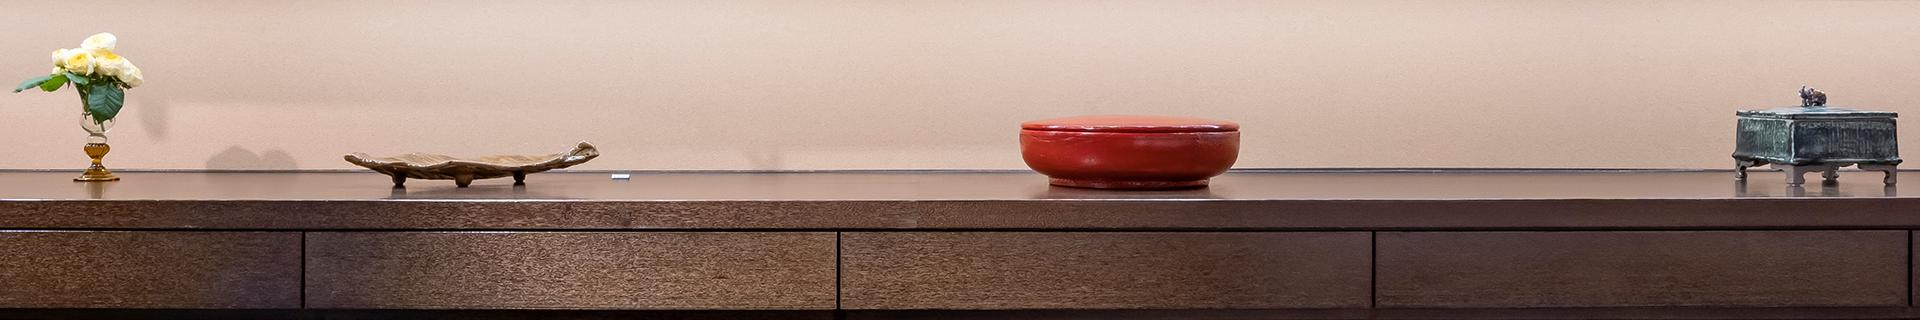 個展のご案内 - うつわ「一客」 陶器 陶器 京都 大阪 東京